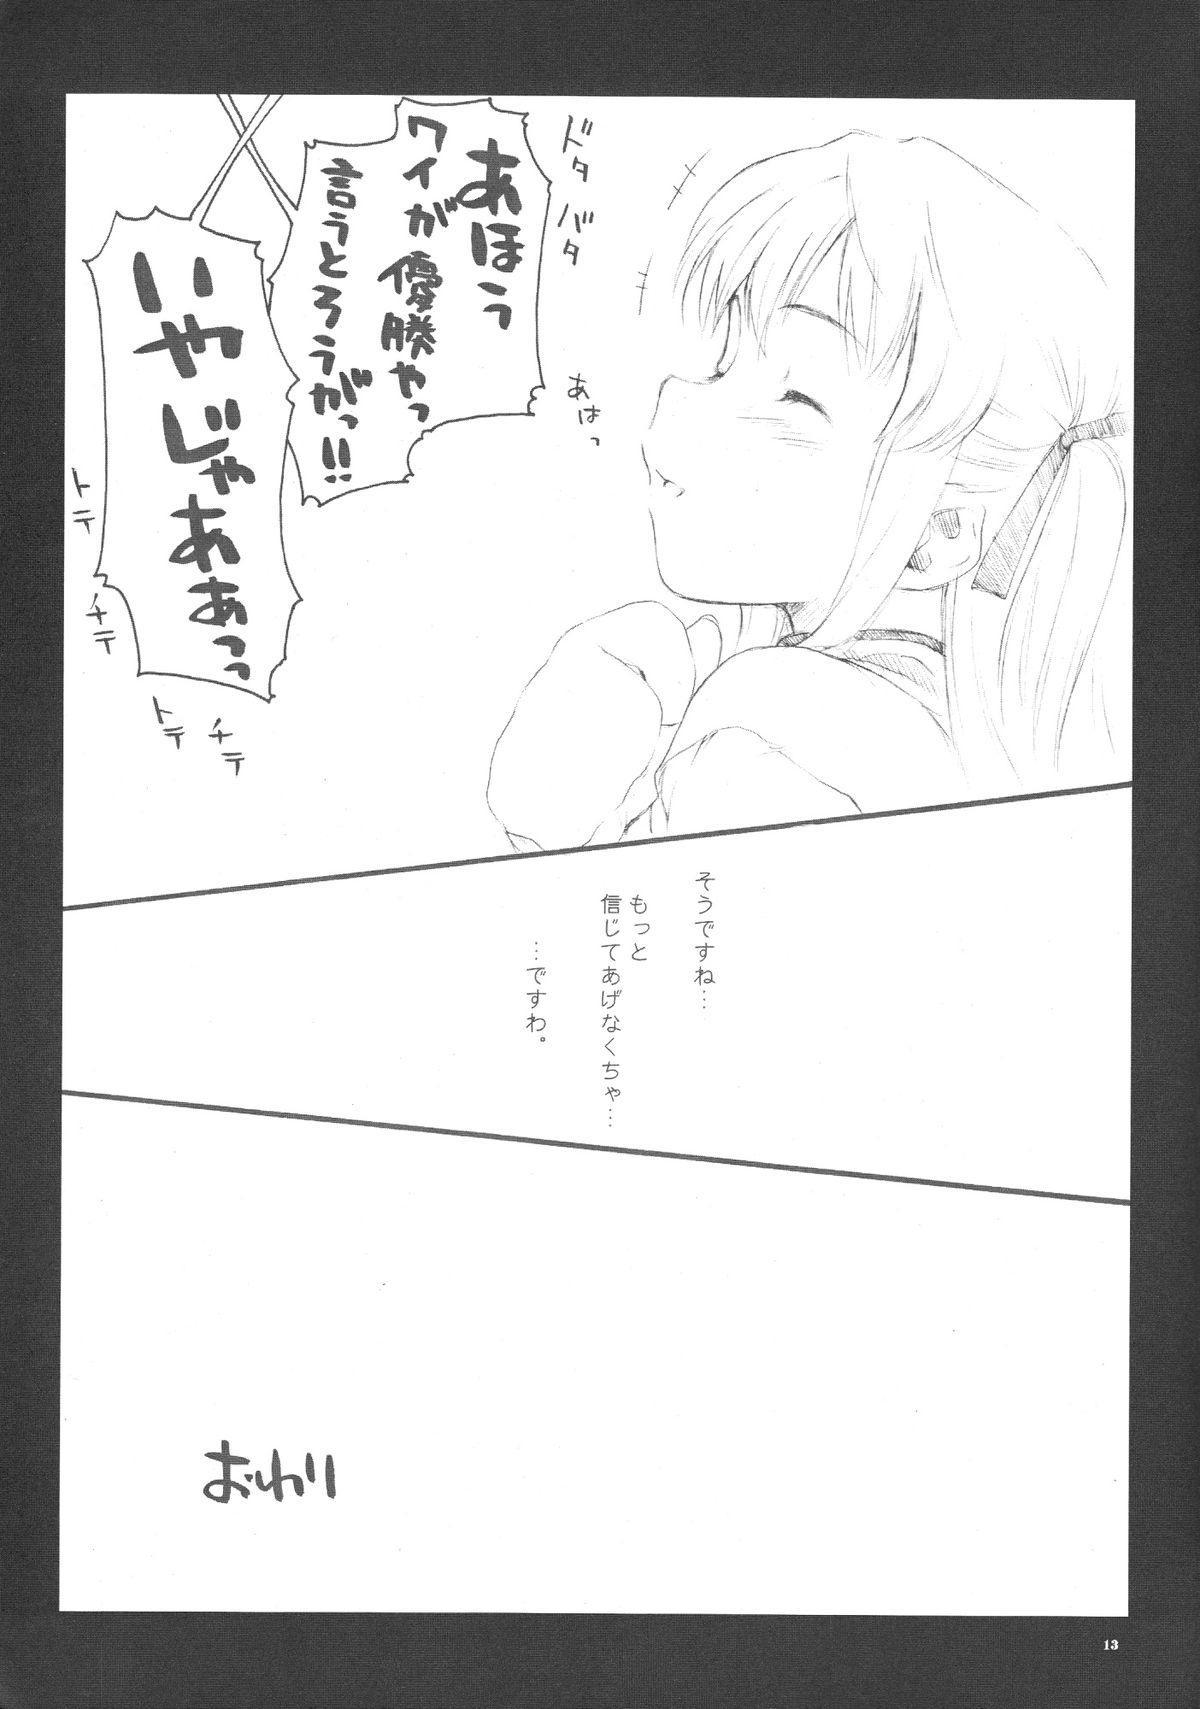 Tsuki no hikari 13